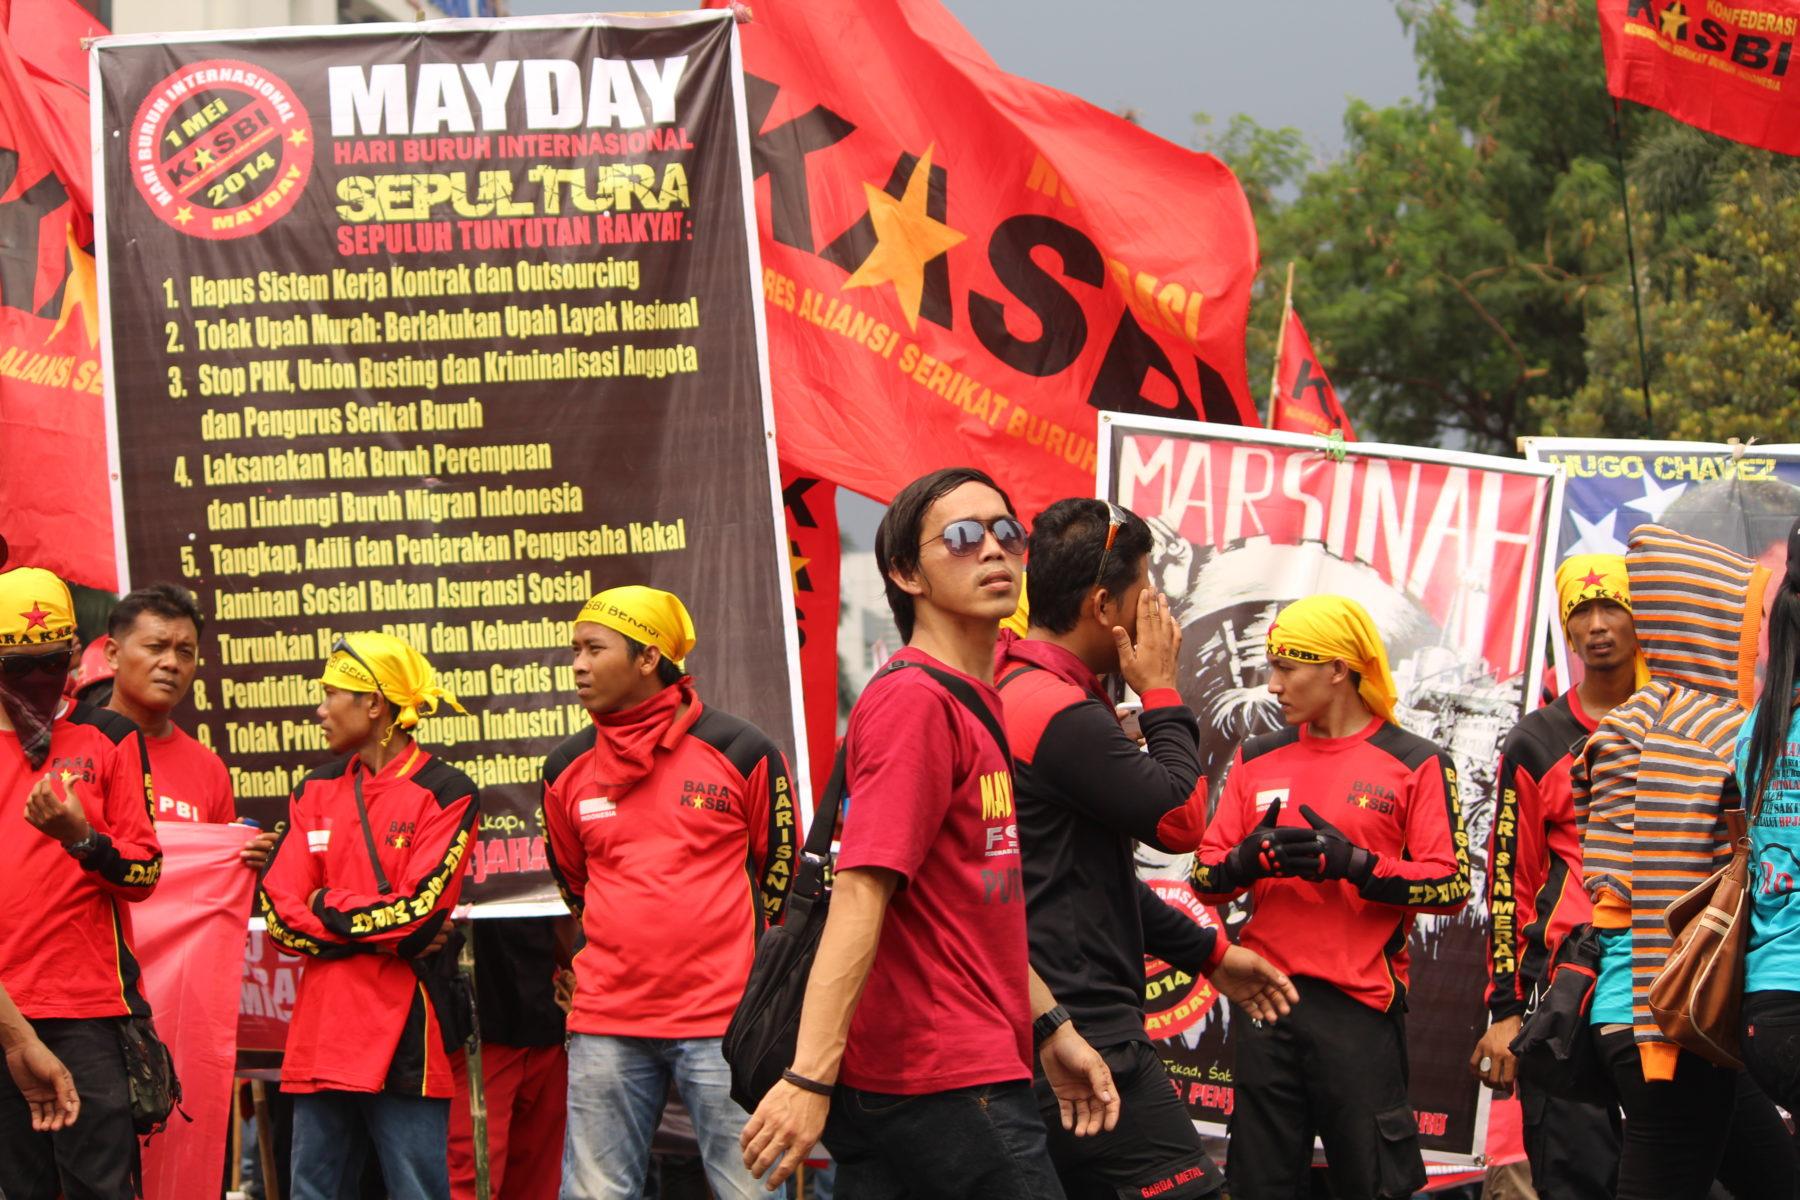 Indonesien: Erster Mai Demonstration in Jakarta. Zehntausende versammeln sich am Verkehrskreis Hotel Indonesia, ein beliebtes Wahrzeichen für Protestierende in Indonesien, 2014 © LIPS - Sedane Labour Information Centre